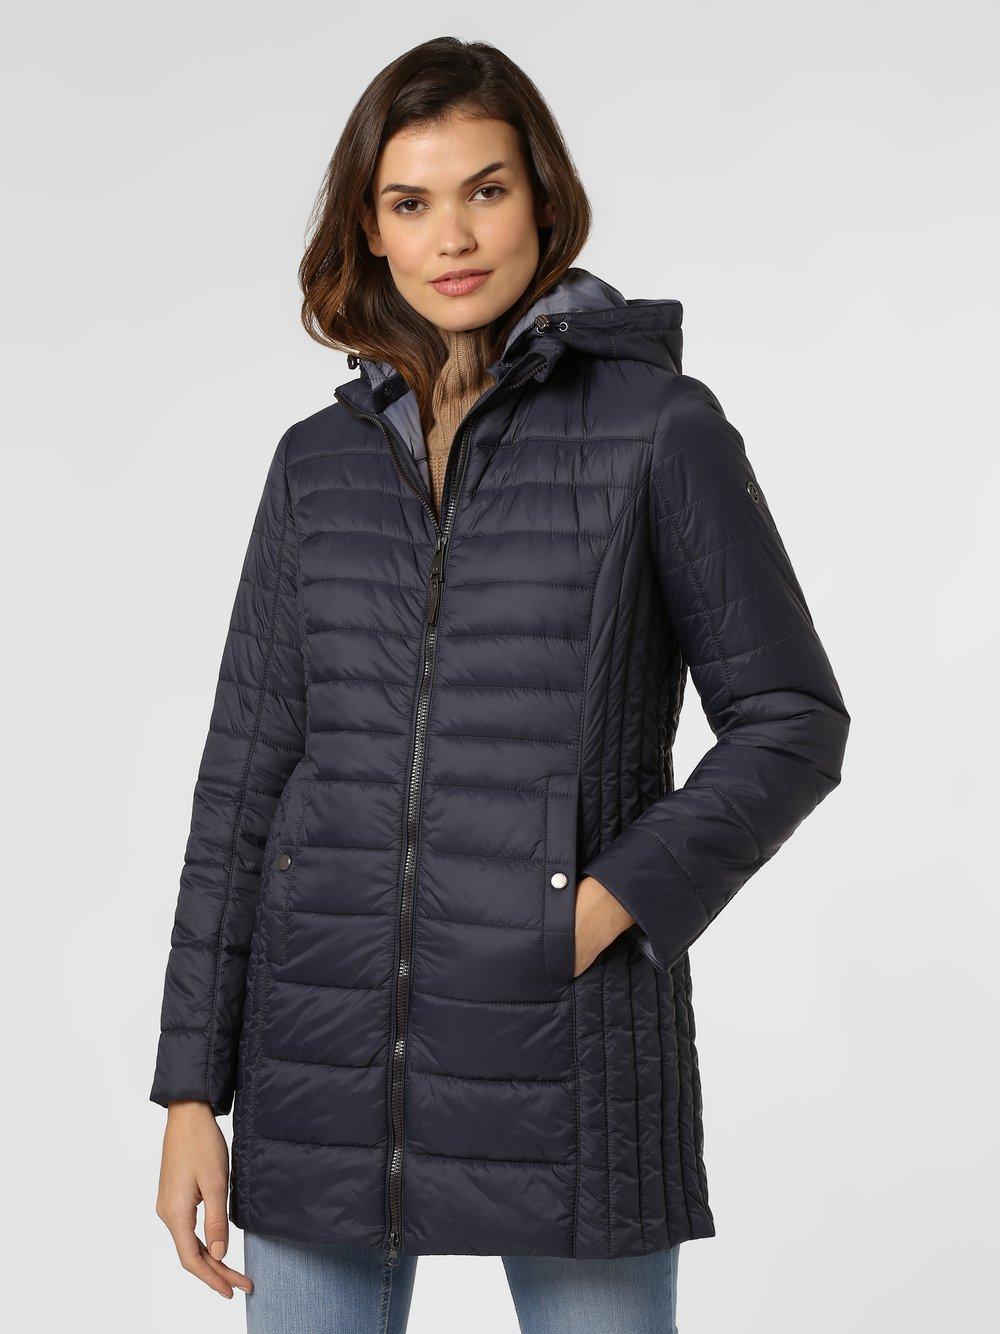 Franco Callegari - Damski płaszcz pikowany, niebieski